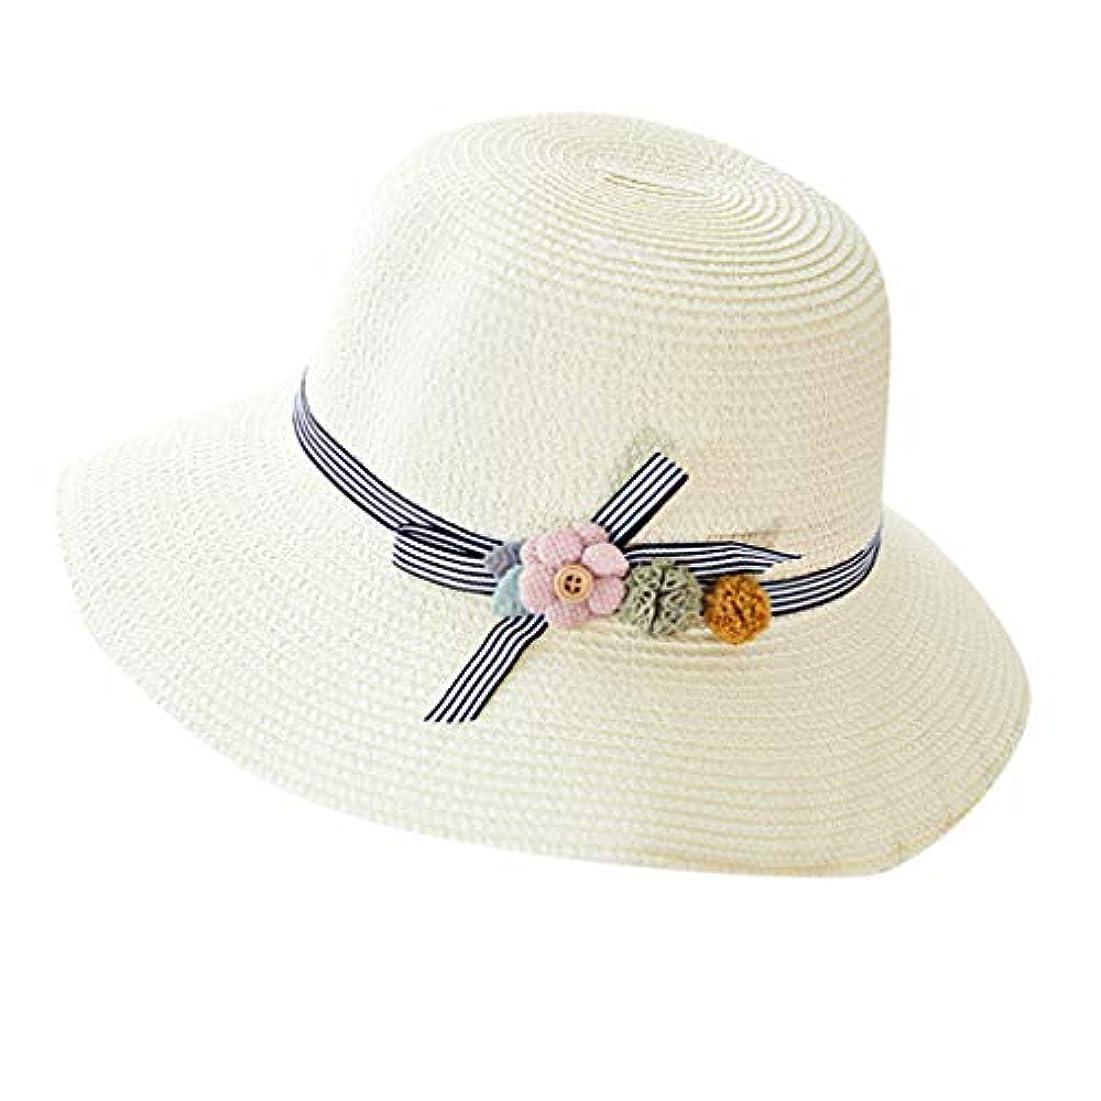 家庭雇用者議題漁師帽 夏 帽子 レディース UVカット 帽子 ハット レディース 紫外線対策 日焼け防止 つば広 日焼け 旅行用 日よけ 夏季 折りたたみ 森ガール ビーチ 海辺 帽子 ハット レディース 花 ROSE ROMAN